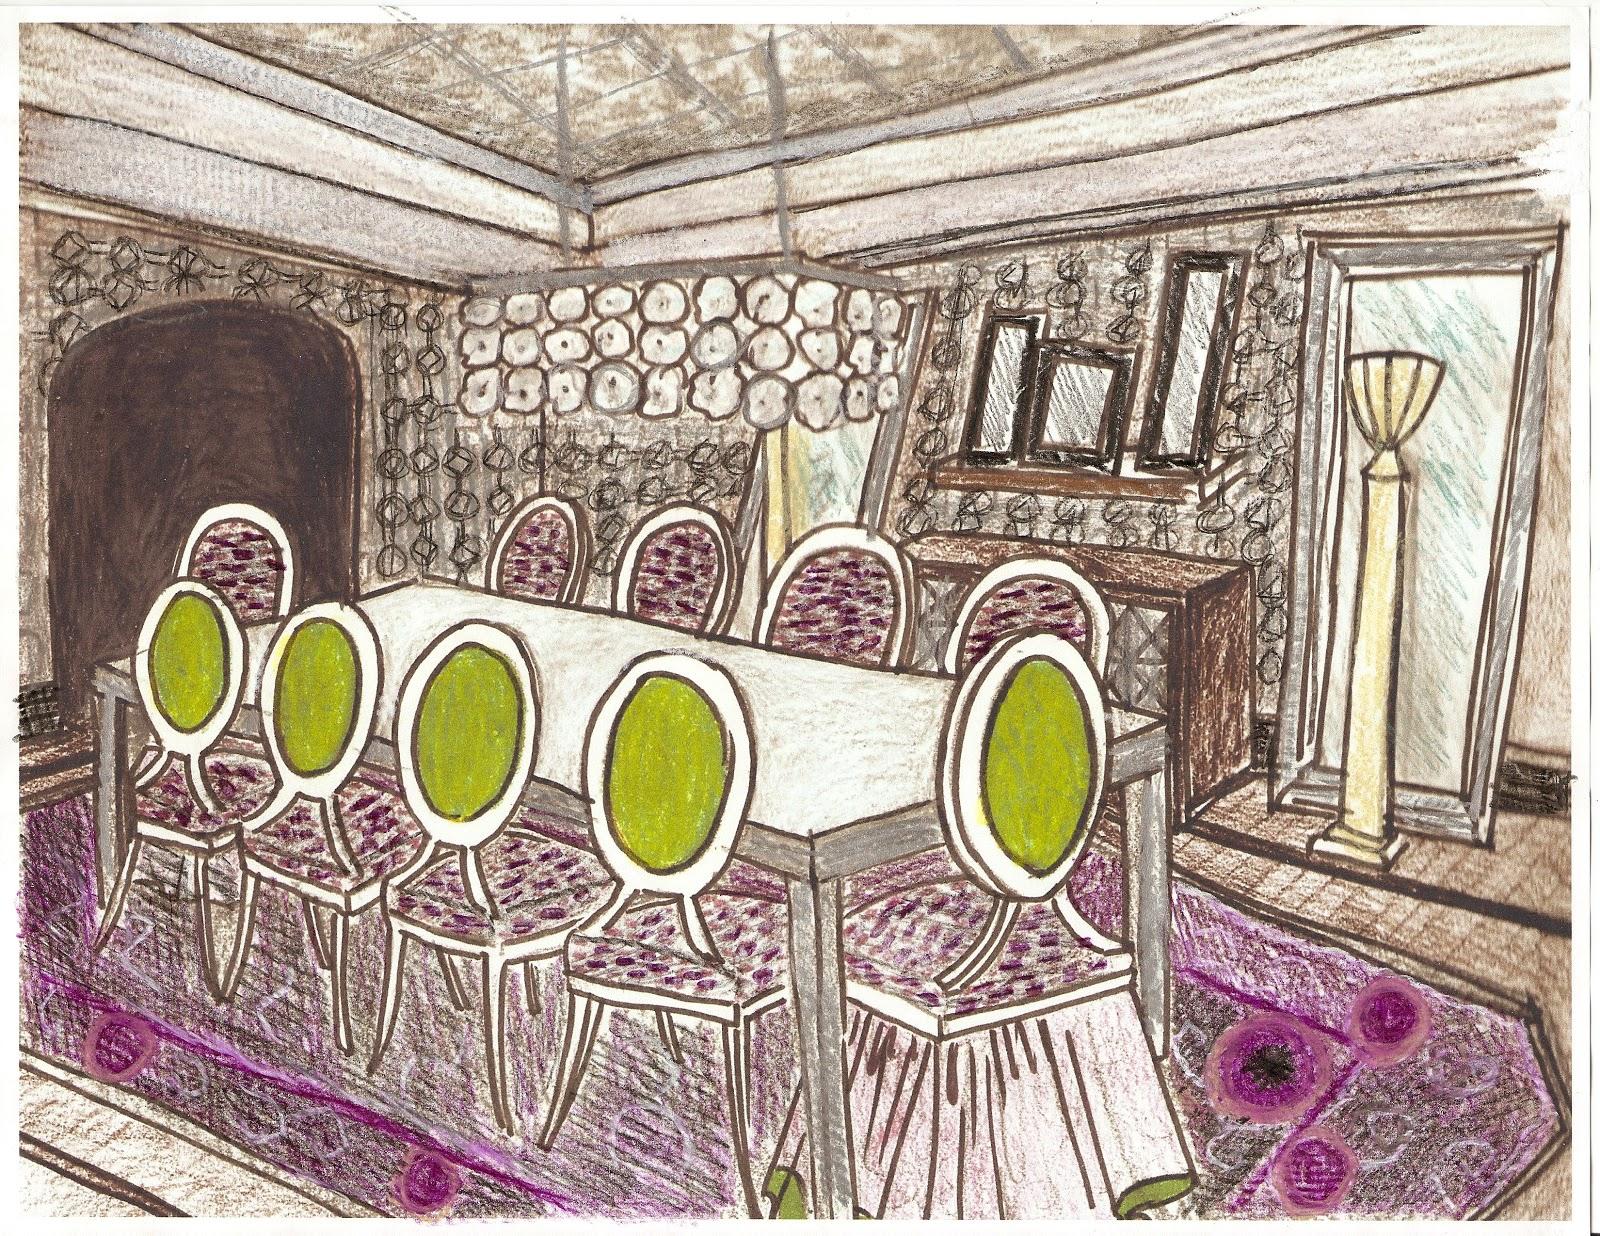 http://2.bp.blogspot.com/-UbUbU1lGyHY/UQRXs0DtzRI/AAAAAAAAFFc/IcWvi273eTE/s1600/DC+house+dr.jpg